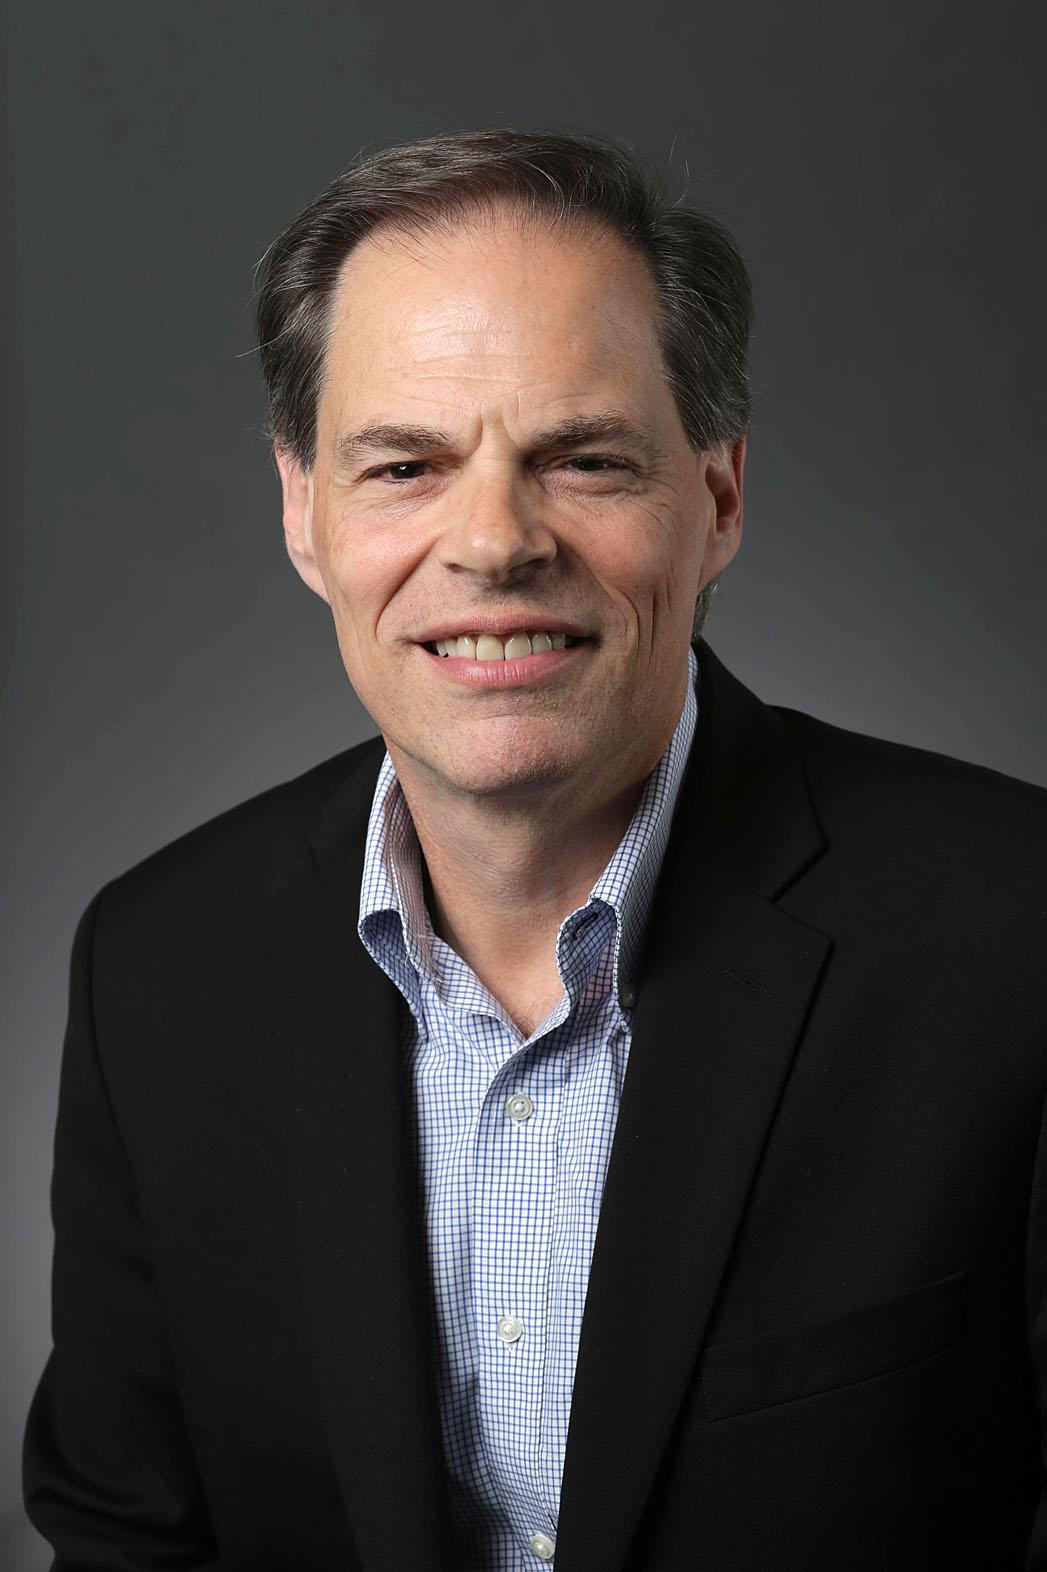 Tom Ortenberg - P 2013